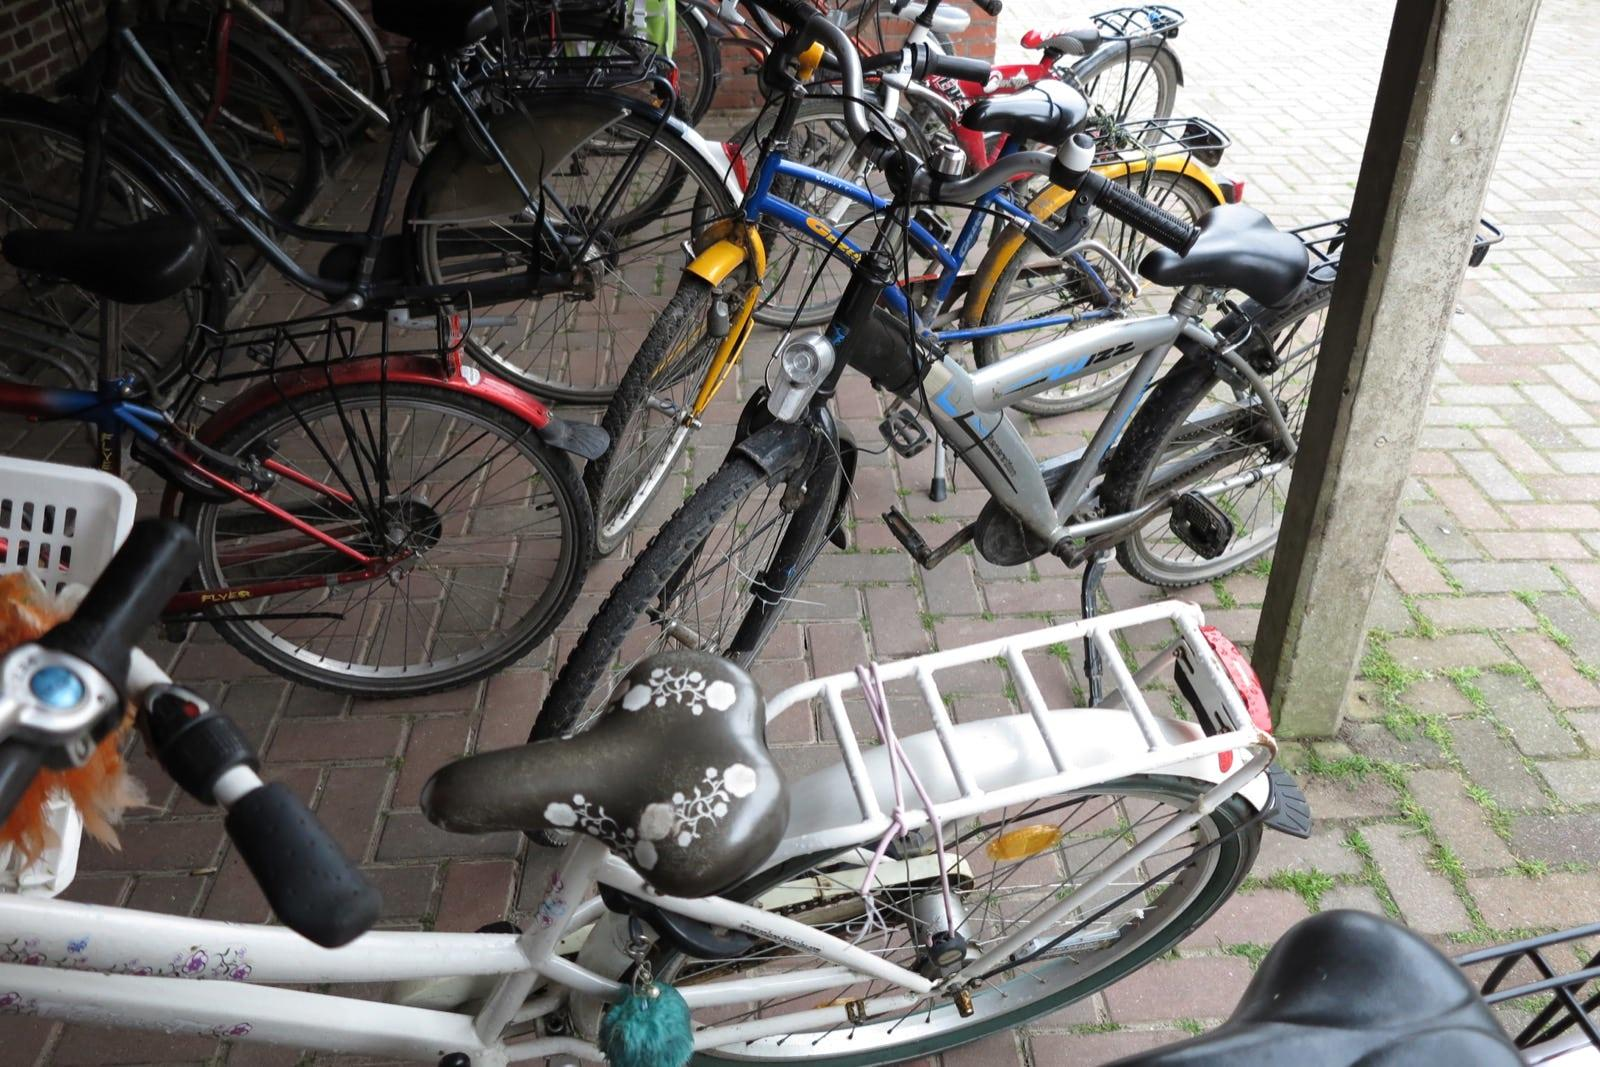 et-fiets-en-fietser-42-fietsjes-onder-schooltijd-oi.jpg